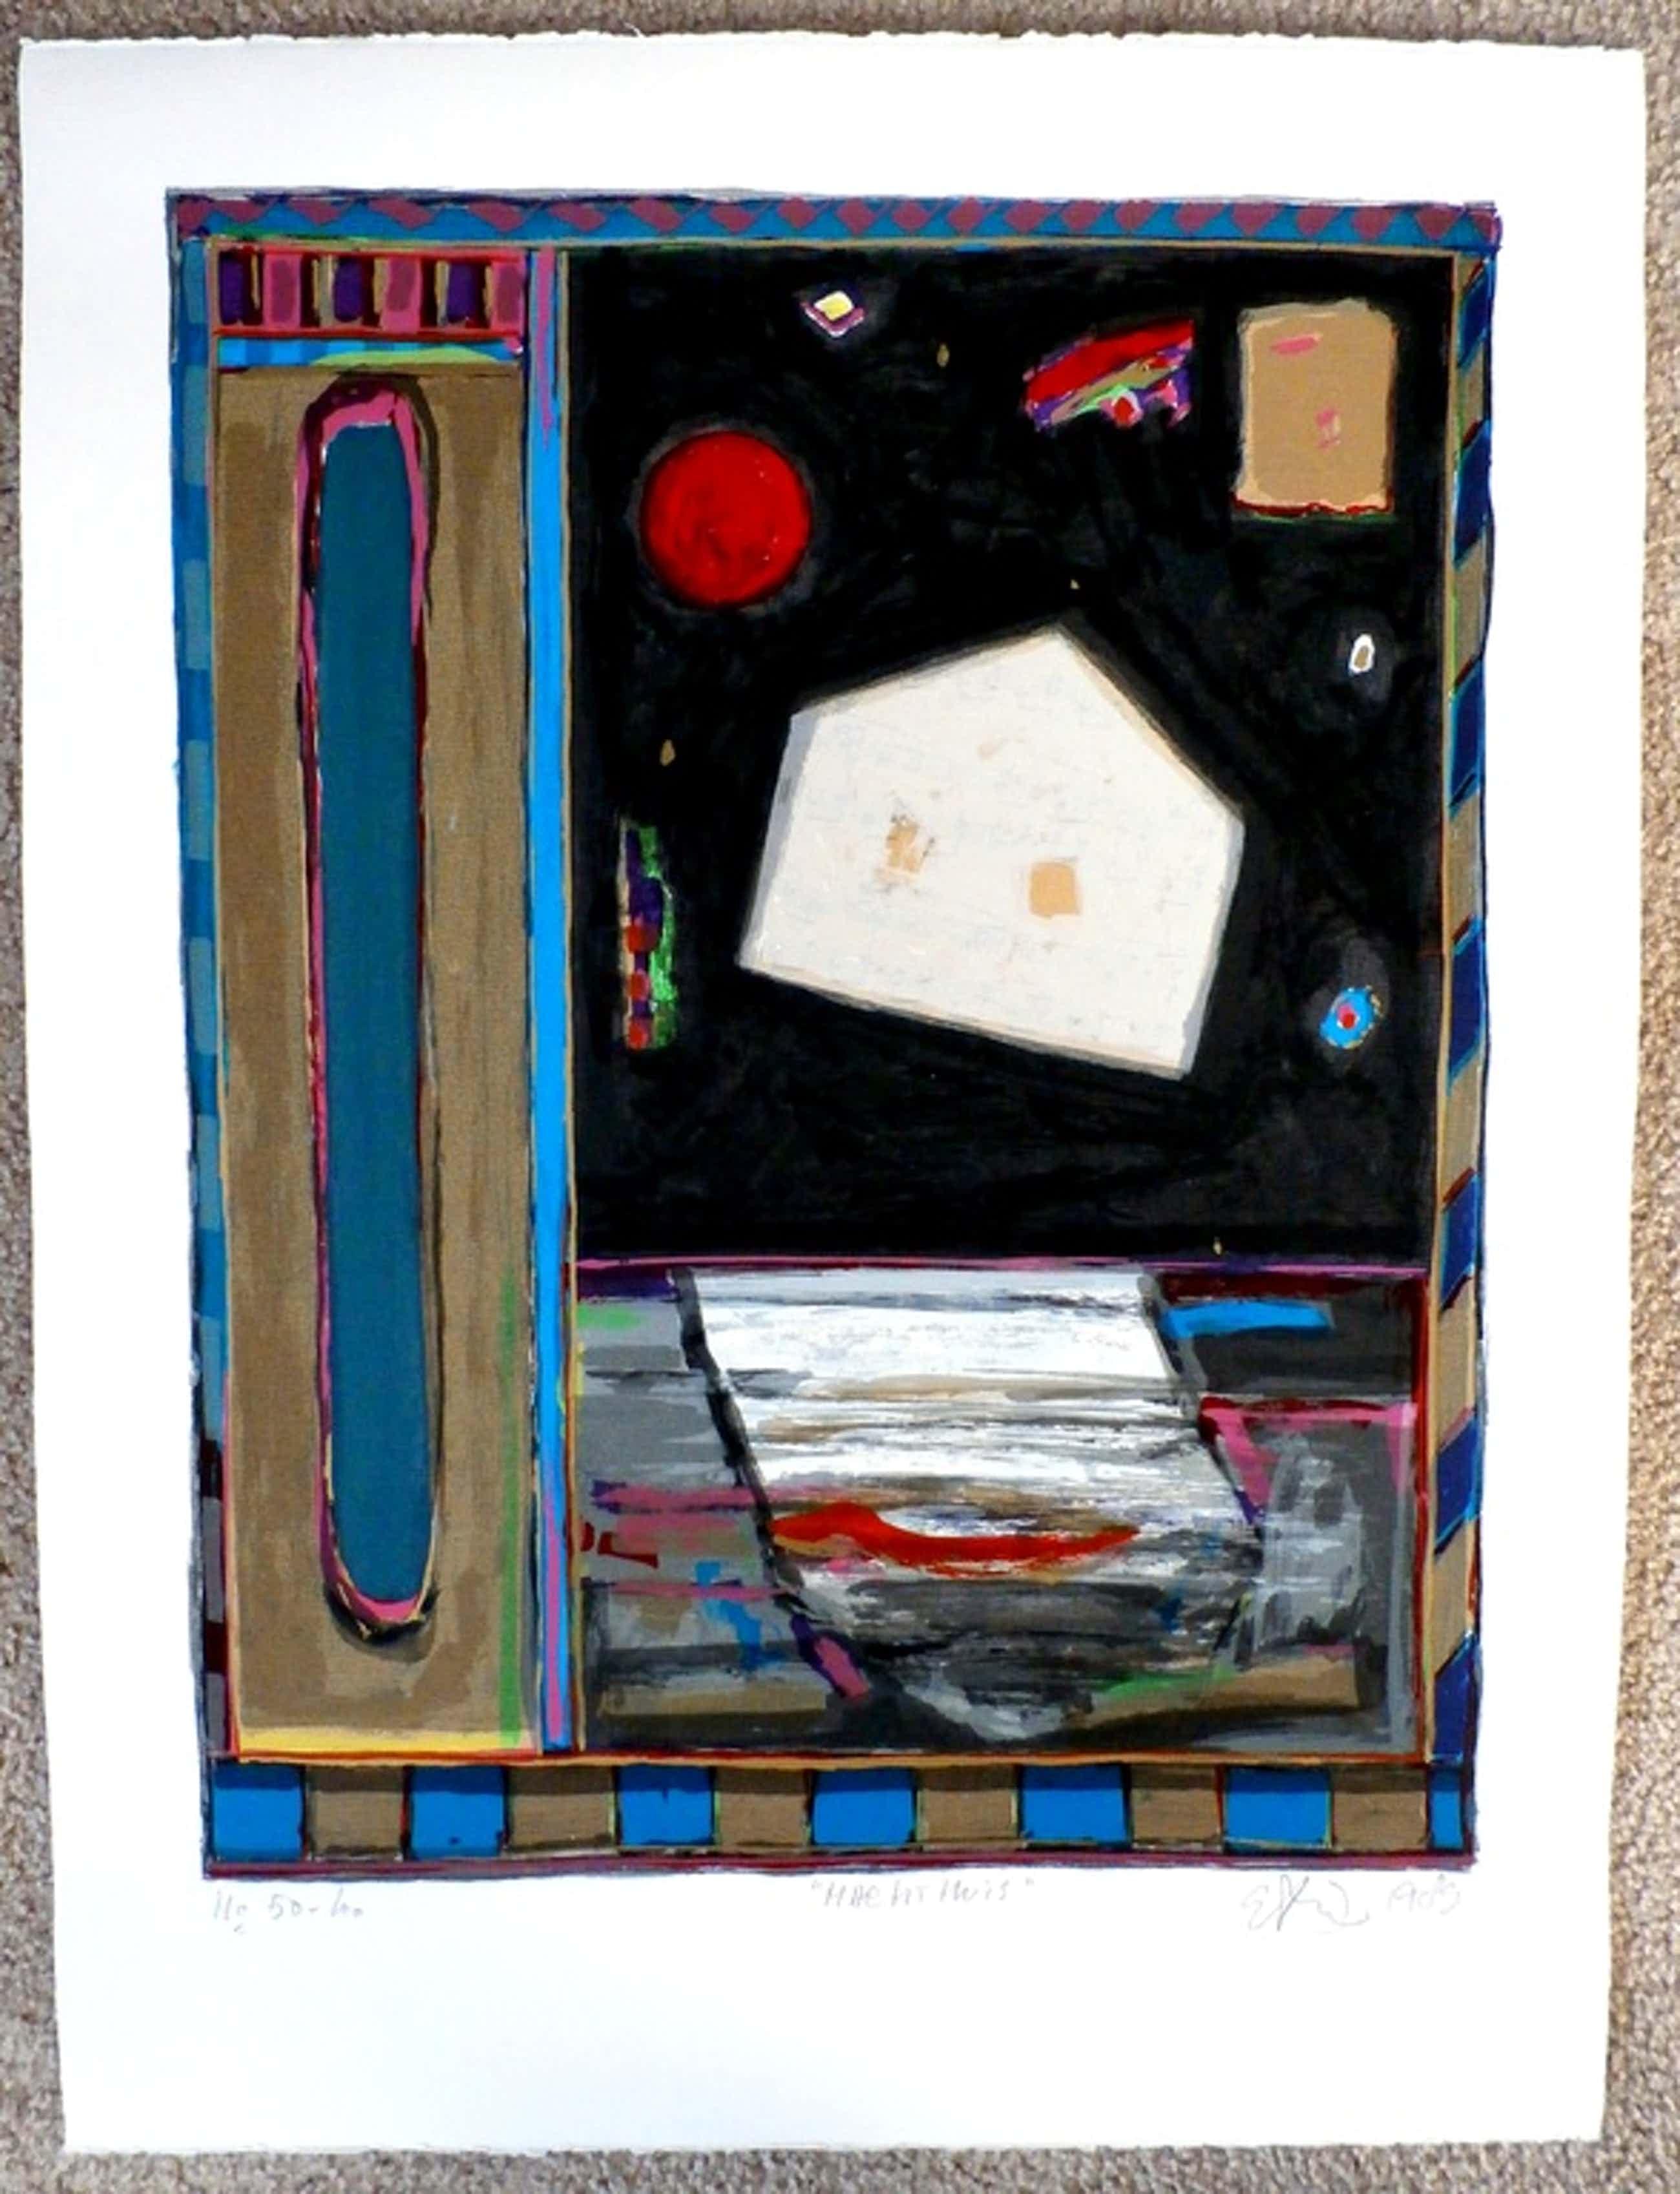 Eric Toebosch - portfoliomap - 4 zeefdrukken - 1989  kopen? Bied vanaf 120!